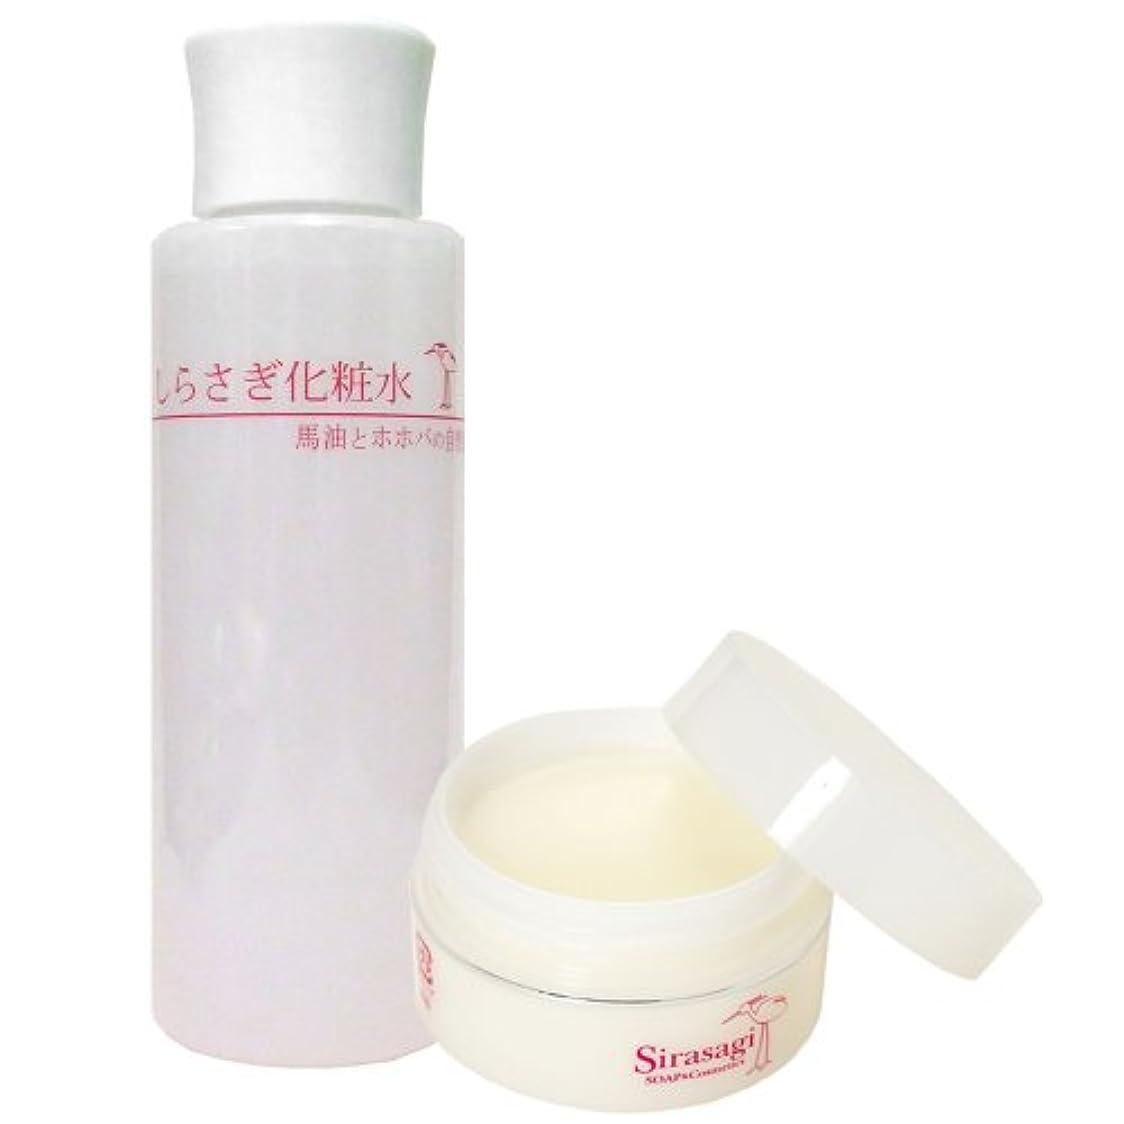 レルムうん銀しらさぎクリーム(無香料)と新しらさぎ化粧水のセット